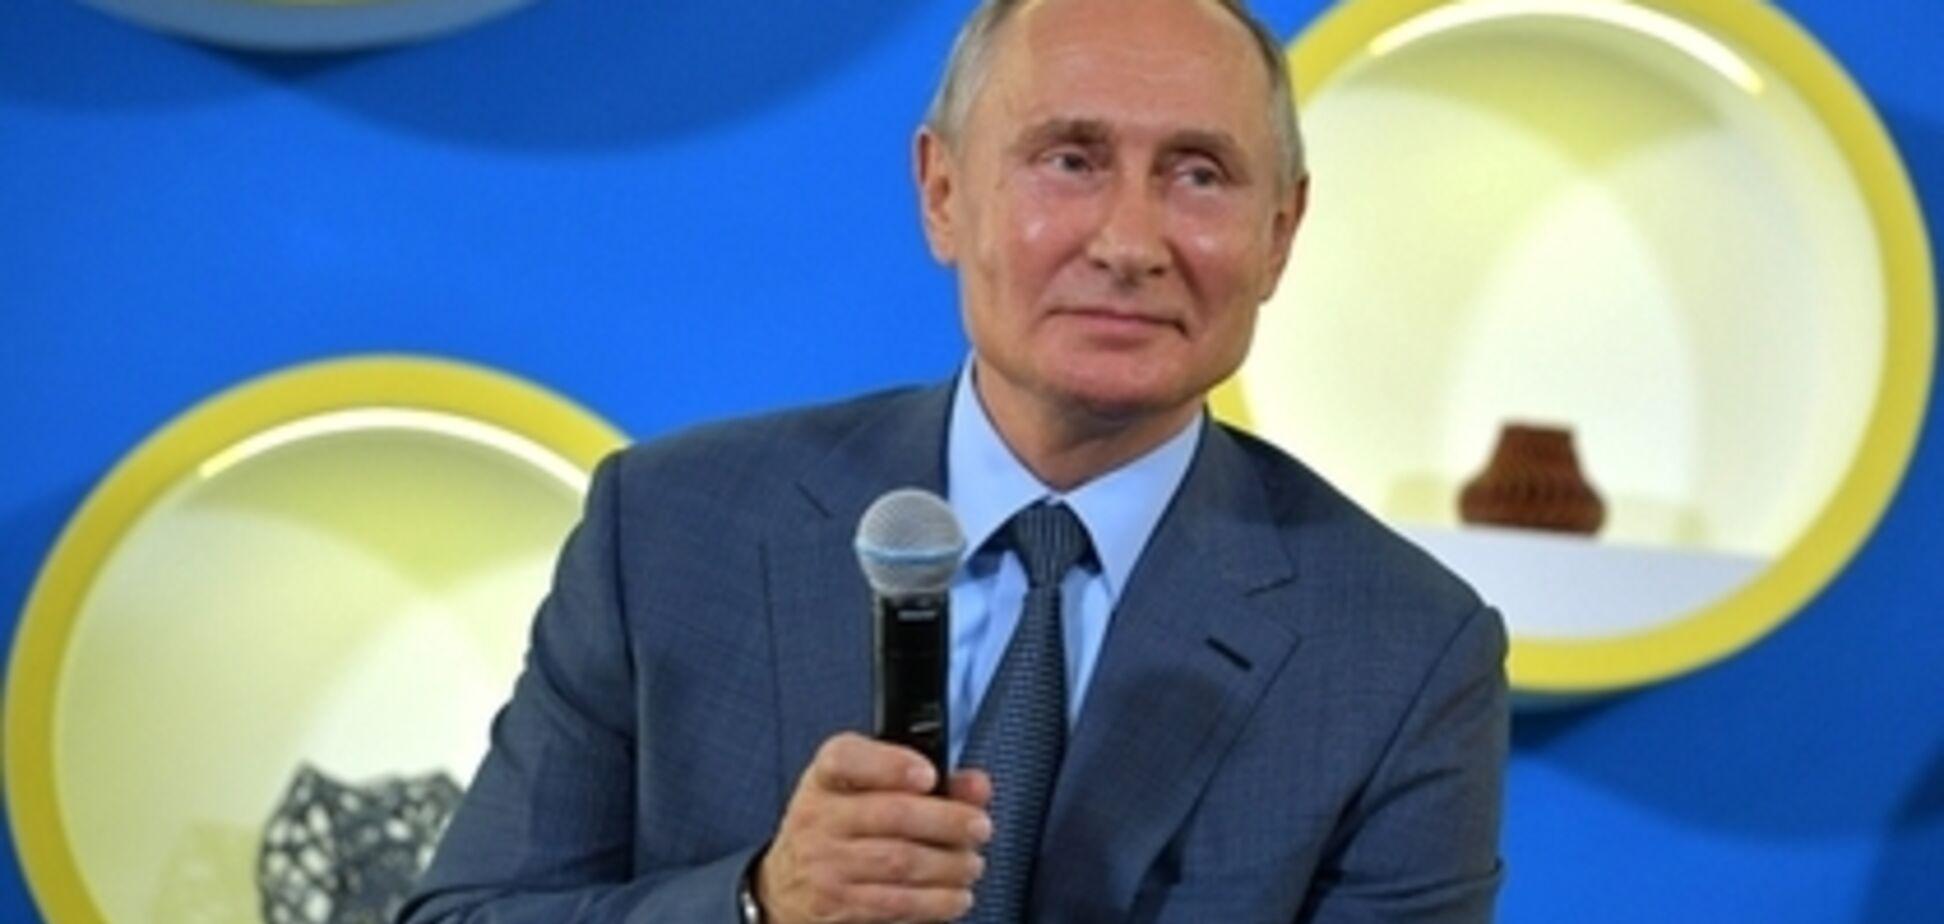 'Окрема увага': Путін спантеличив мережу своїм зовнішнім виглядом